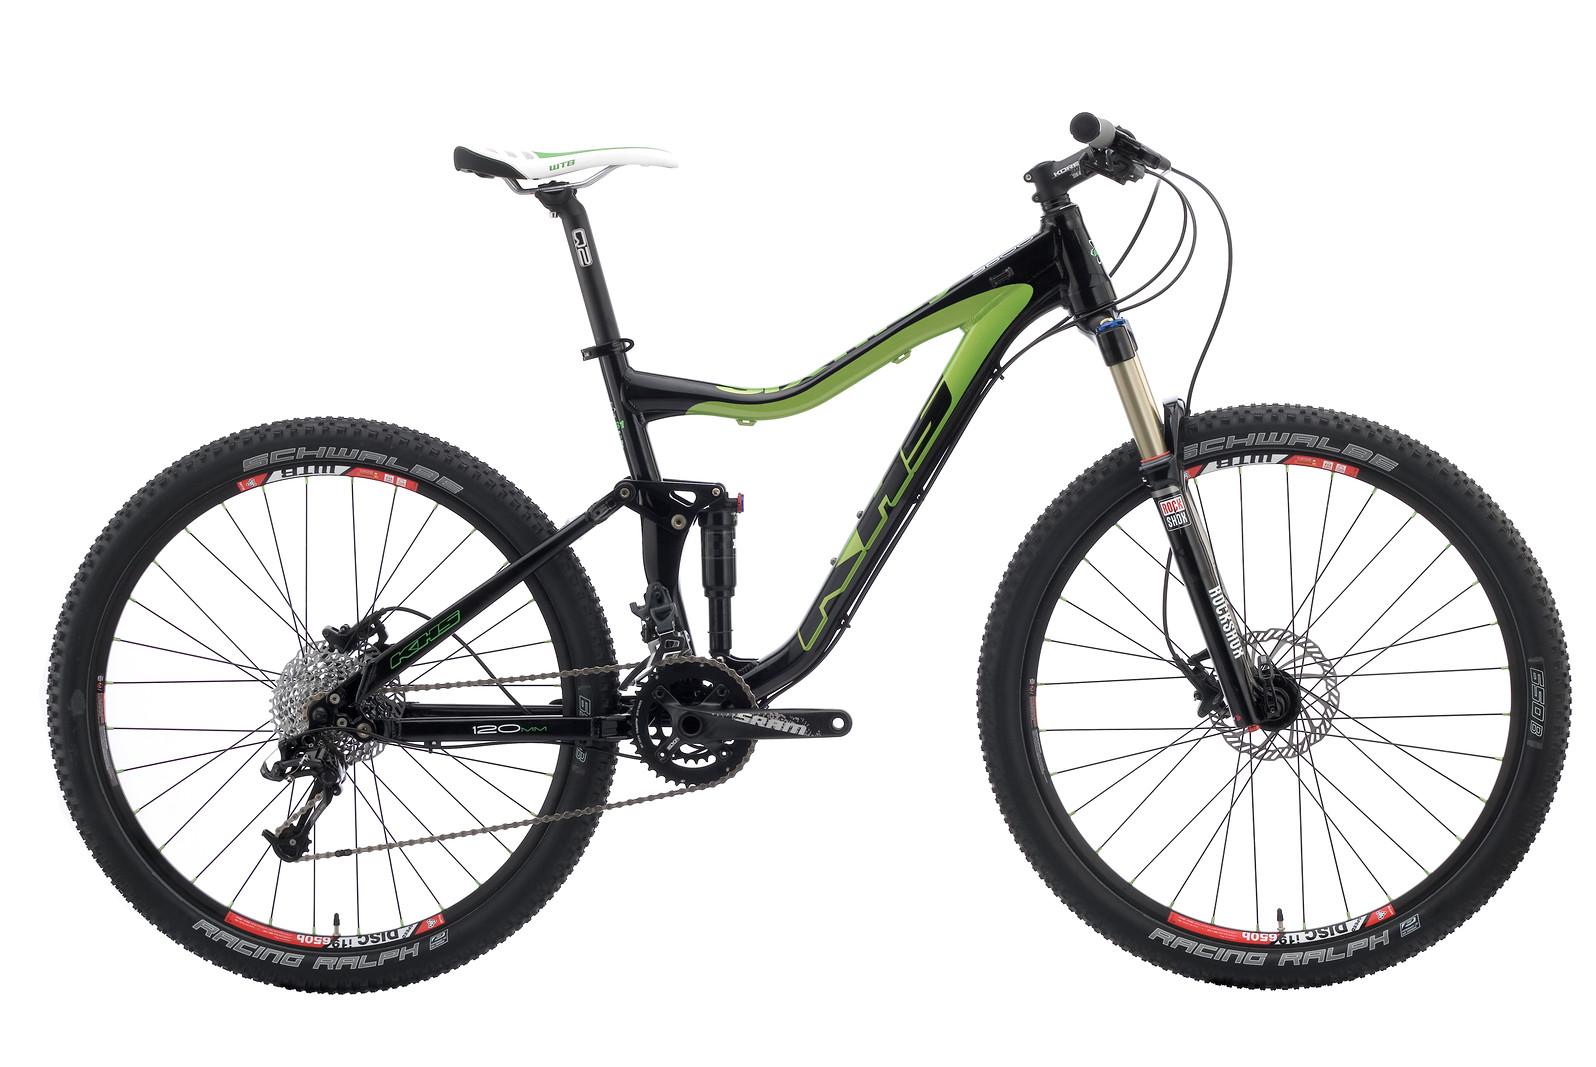 2013 KHS SixFifty 3500 Bike 2013 SixFifty 3500